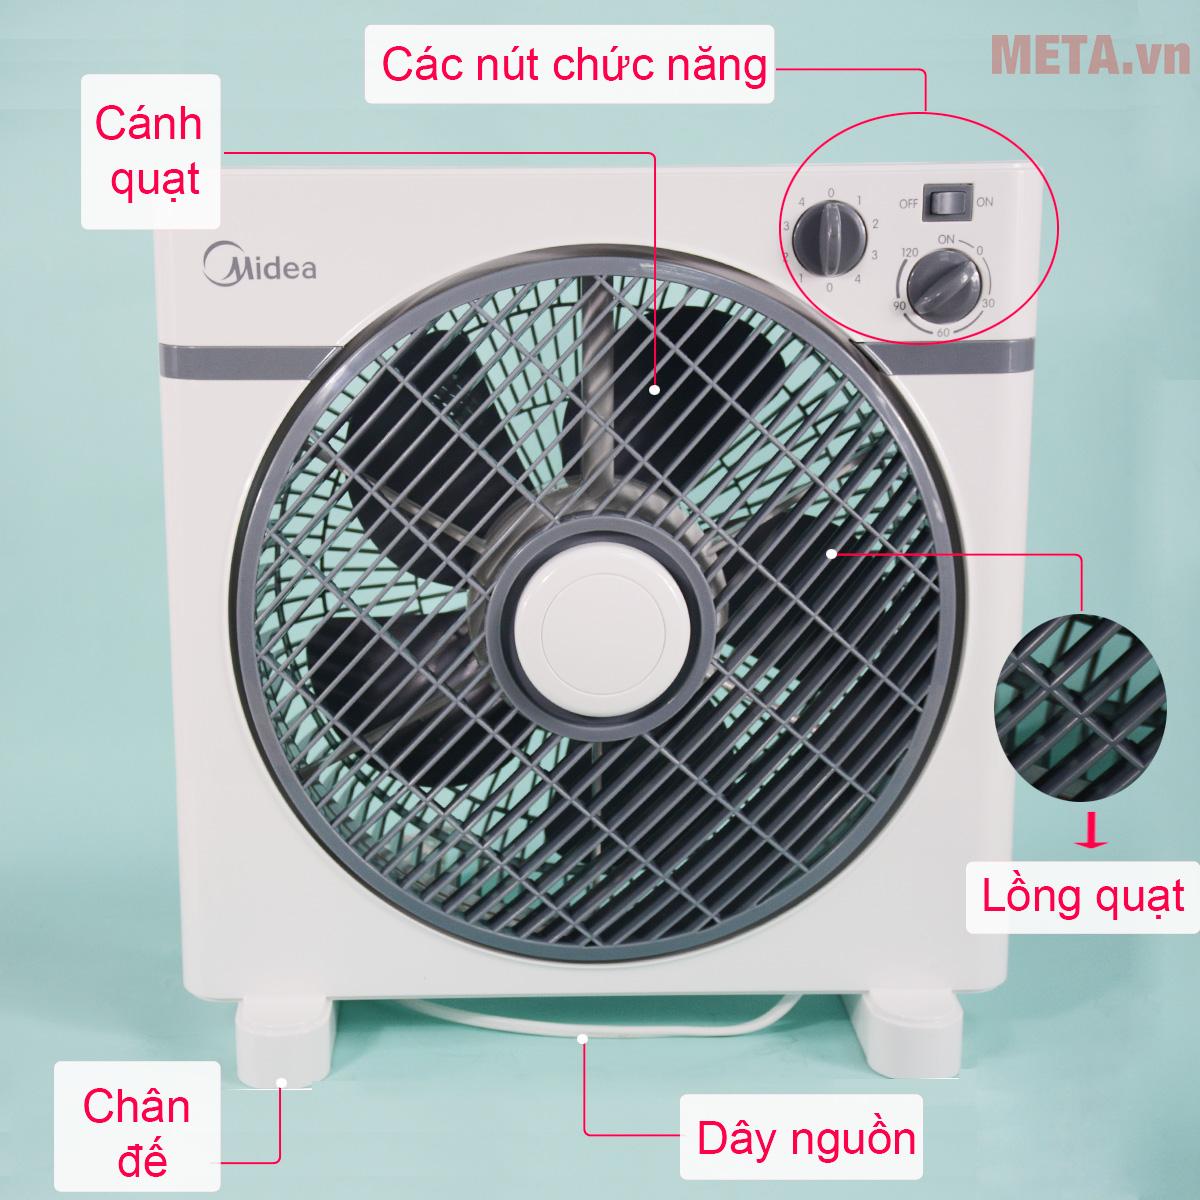 Quạt hộp Midea KYT30-15A hoạt động với công suất 40W